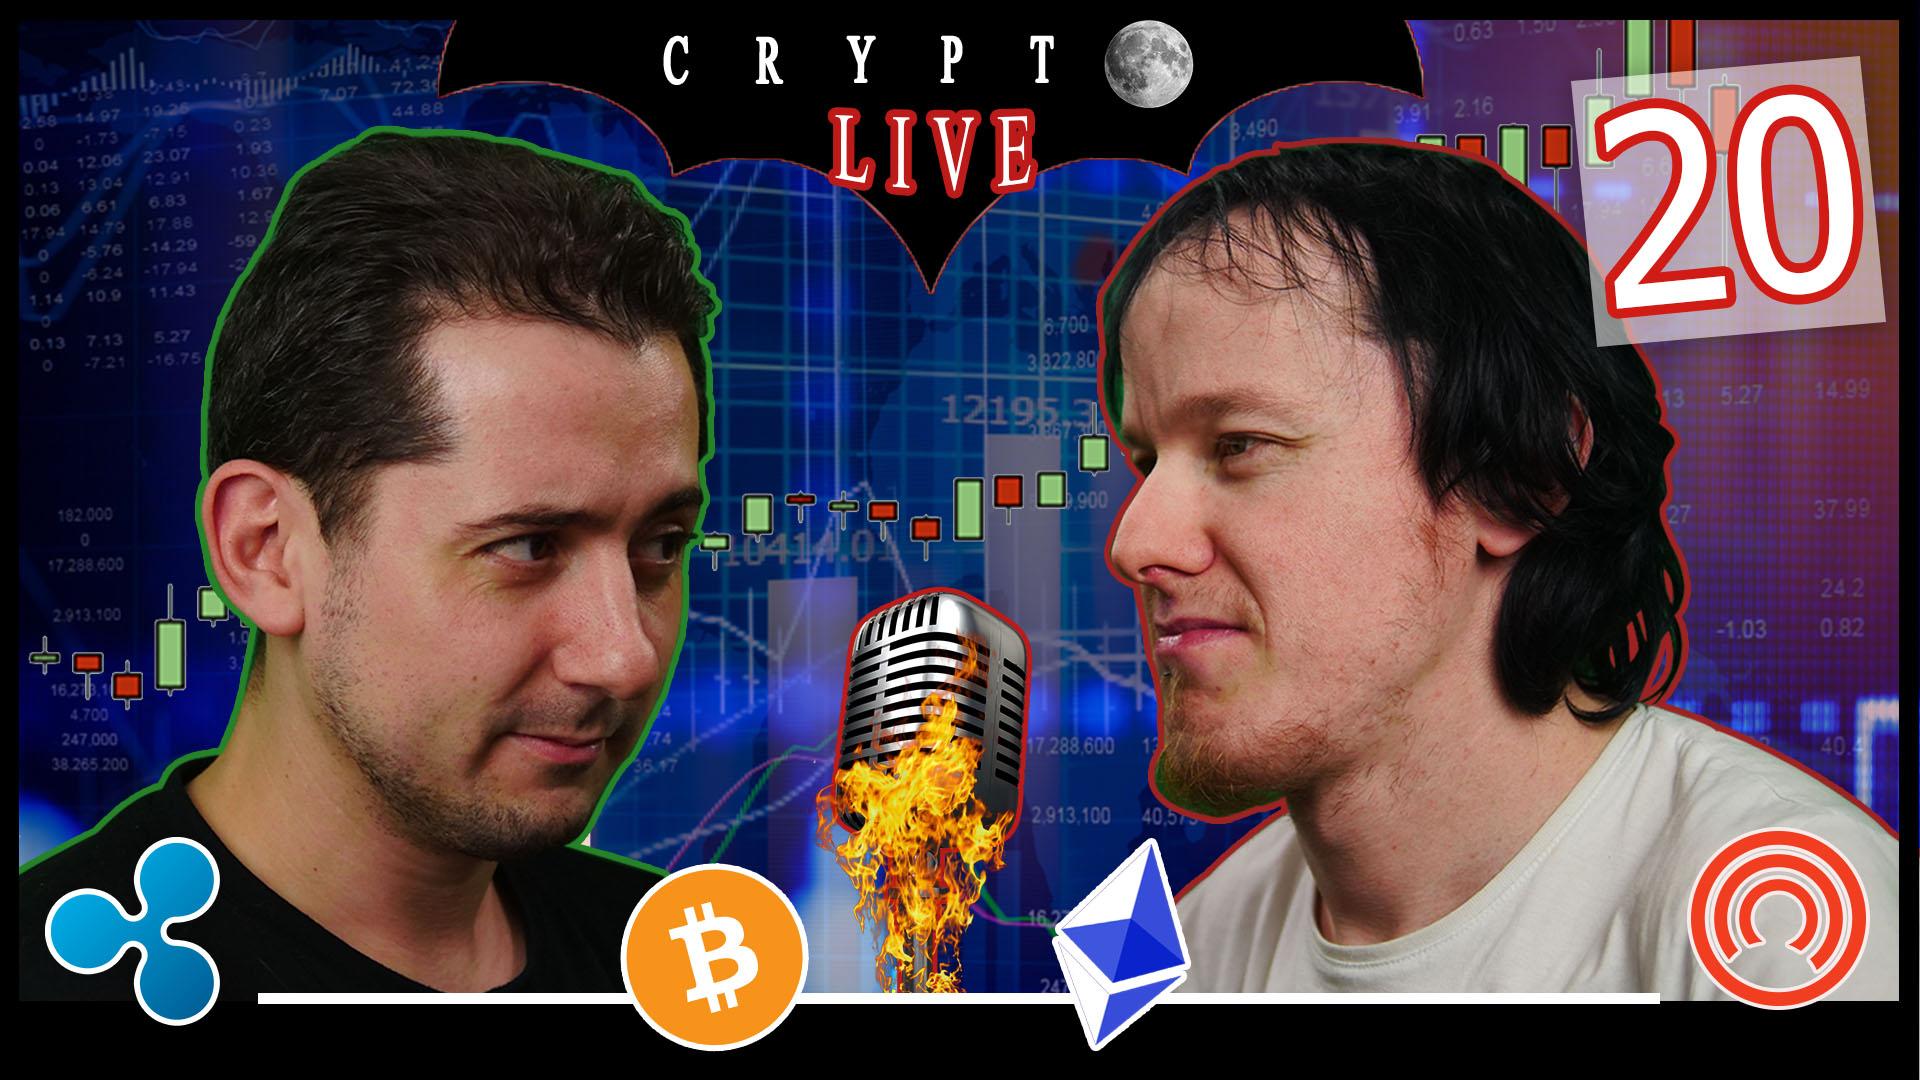 Bitcoin #CryptoLive 20 👕 #BrunoLemaire 🤔#Snowden #twitter #LangueDeGeek